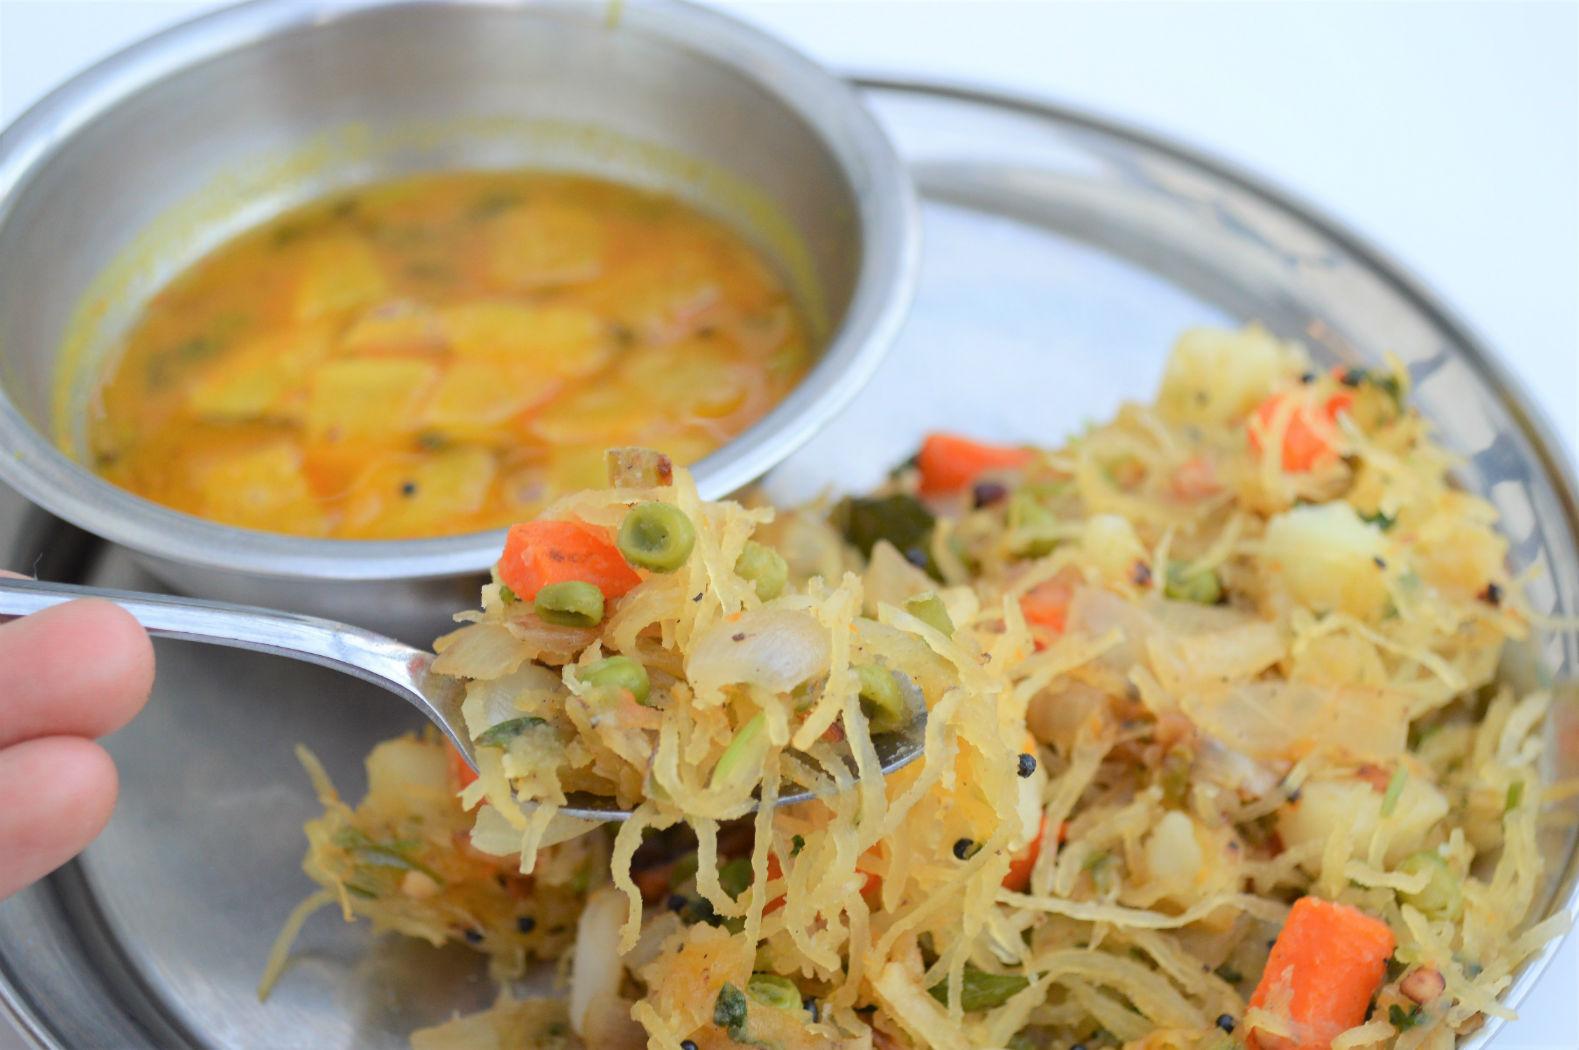 Low Carb Semiya Upma recipe using spaghetti squash